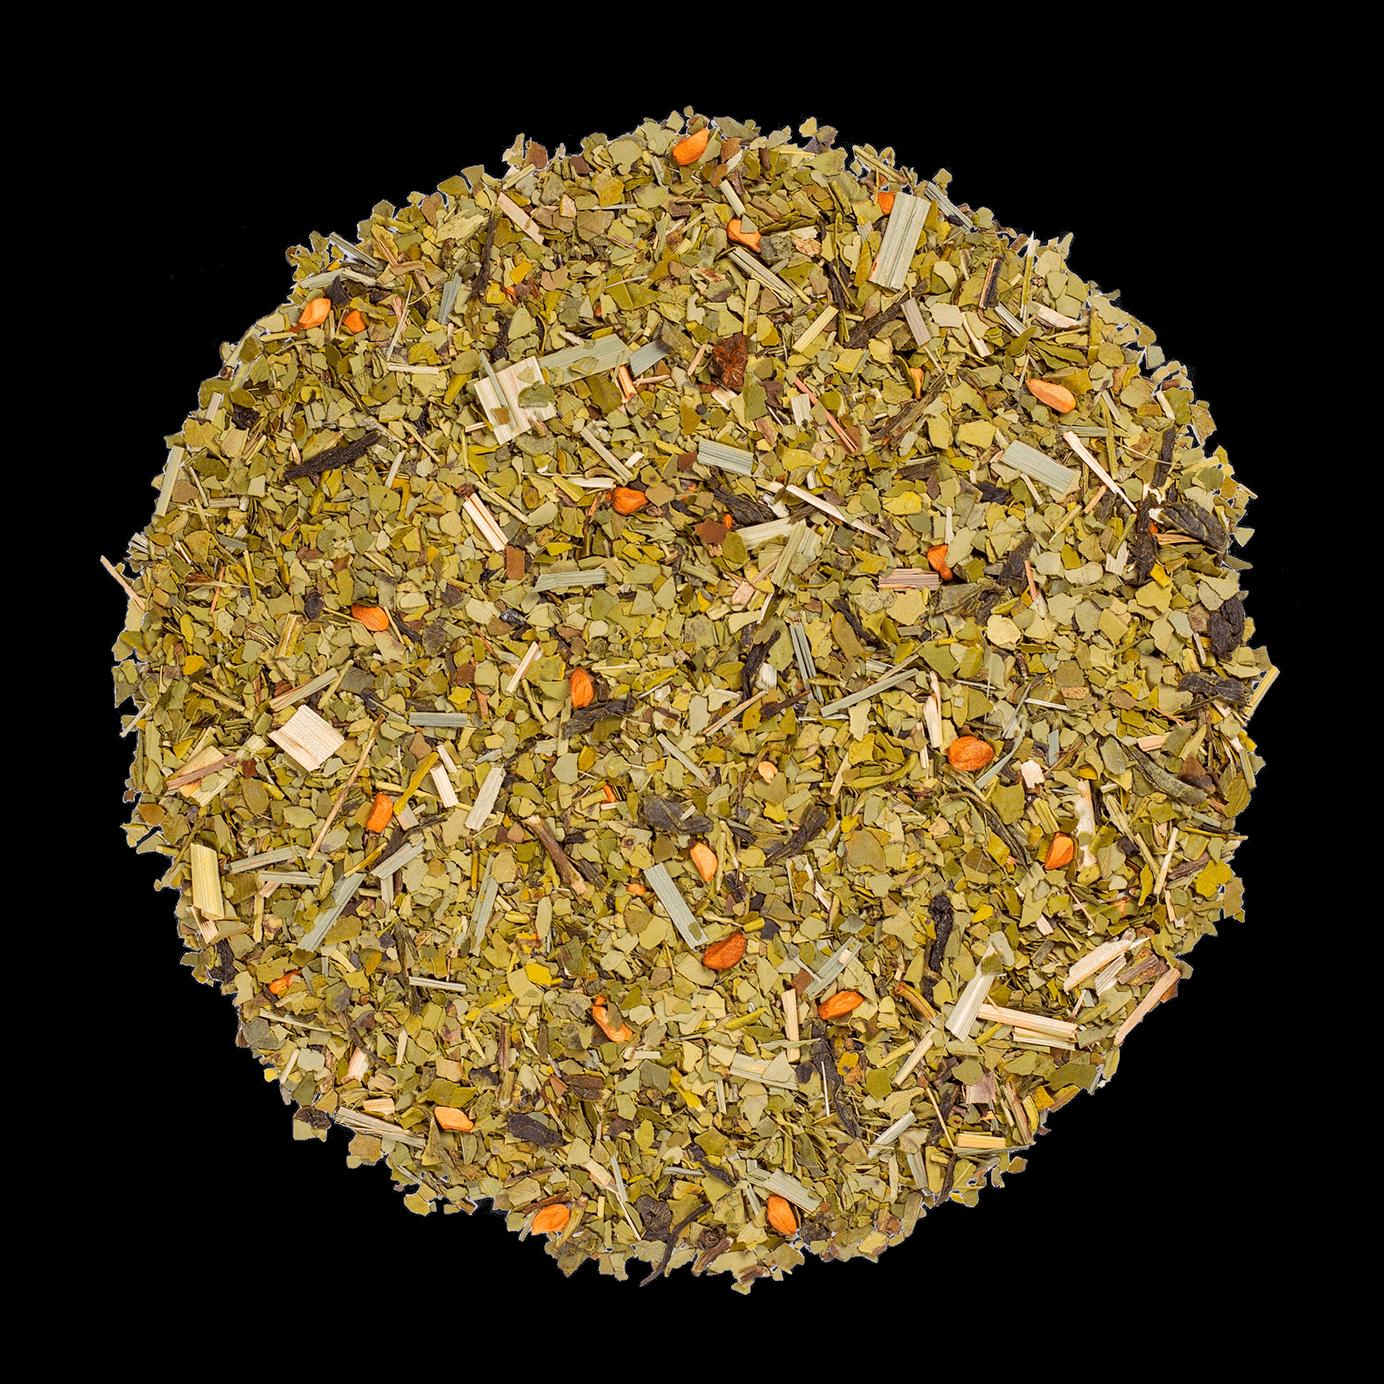 Detox bio - Thé vert, maté, citron - Thé en vrac - Kusmi Tea